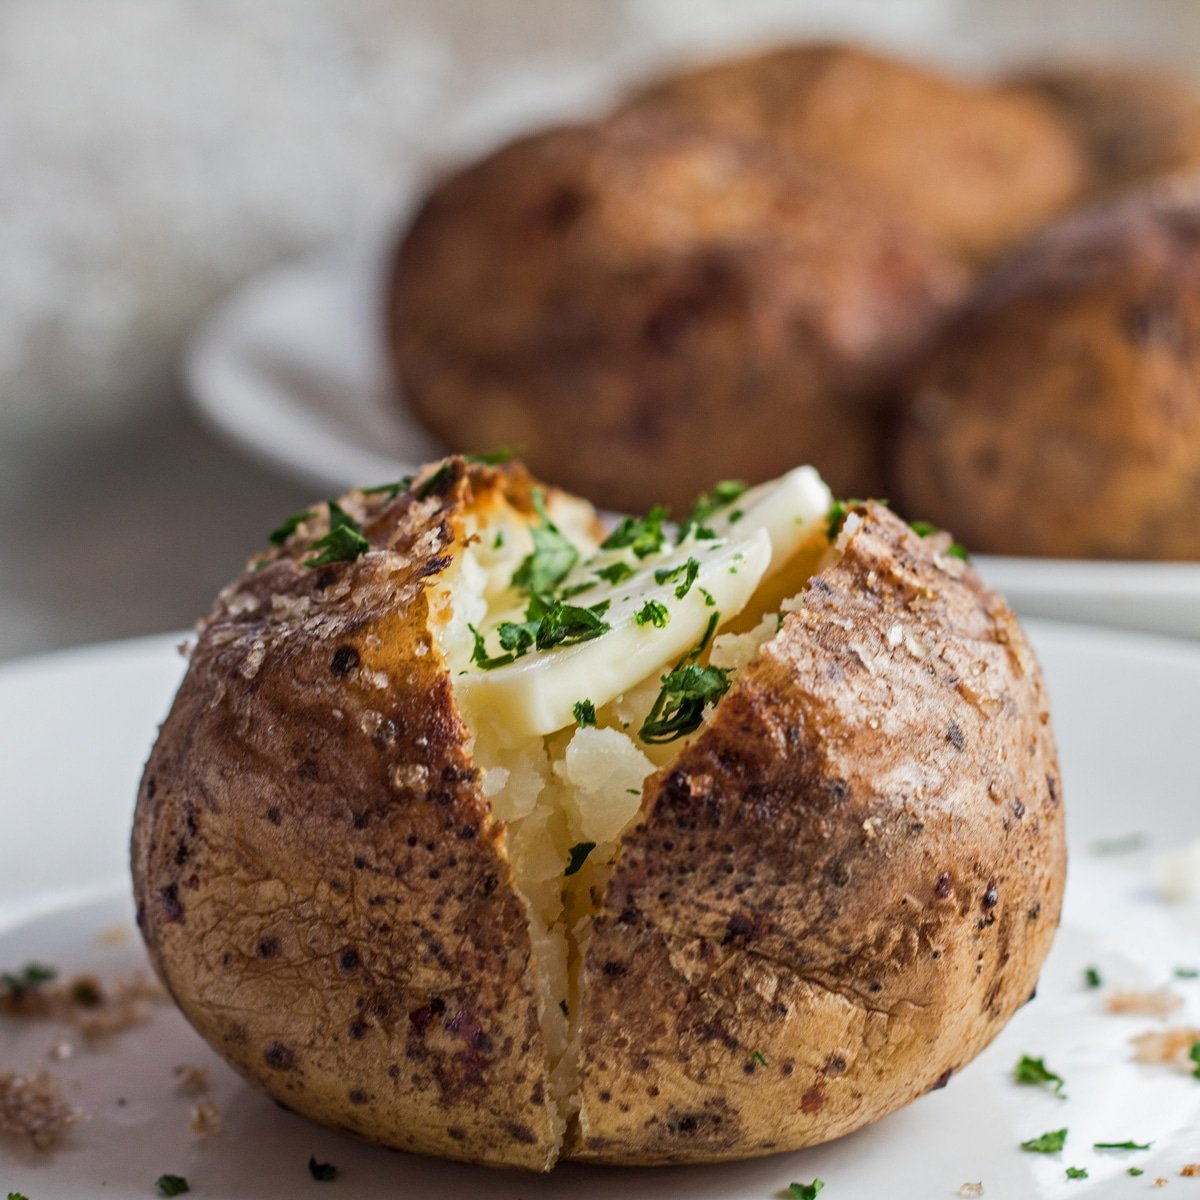 Grande imagem quadrada de saborosa batata cozida fumada com manteiga.